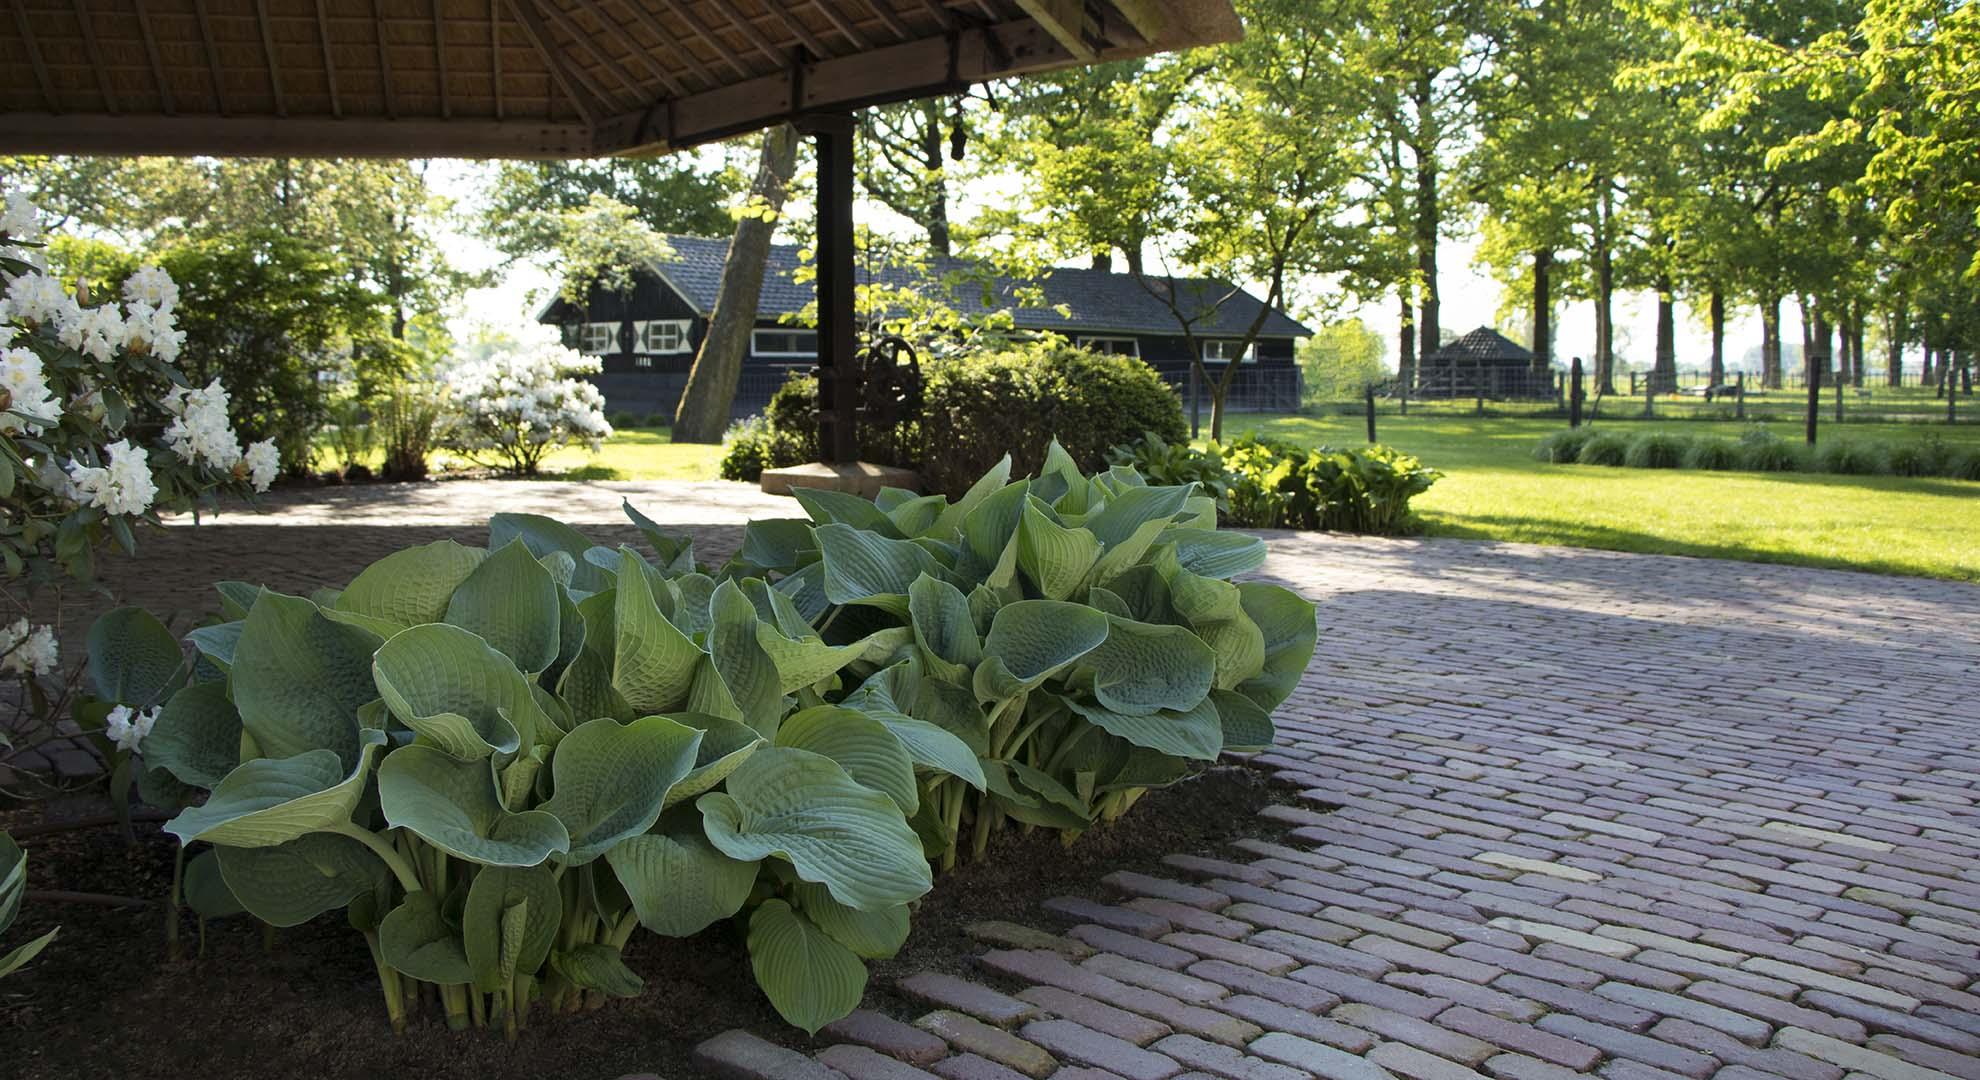 Boerderijtuin bij landgoed Woerden - Foto 2